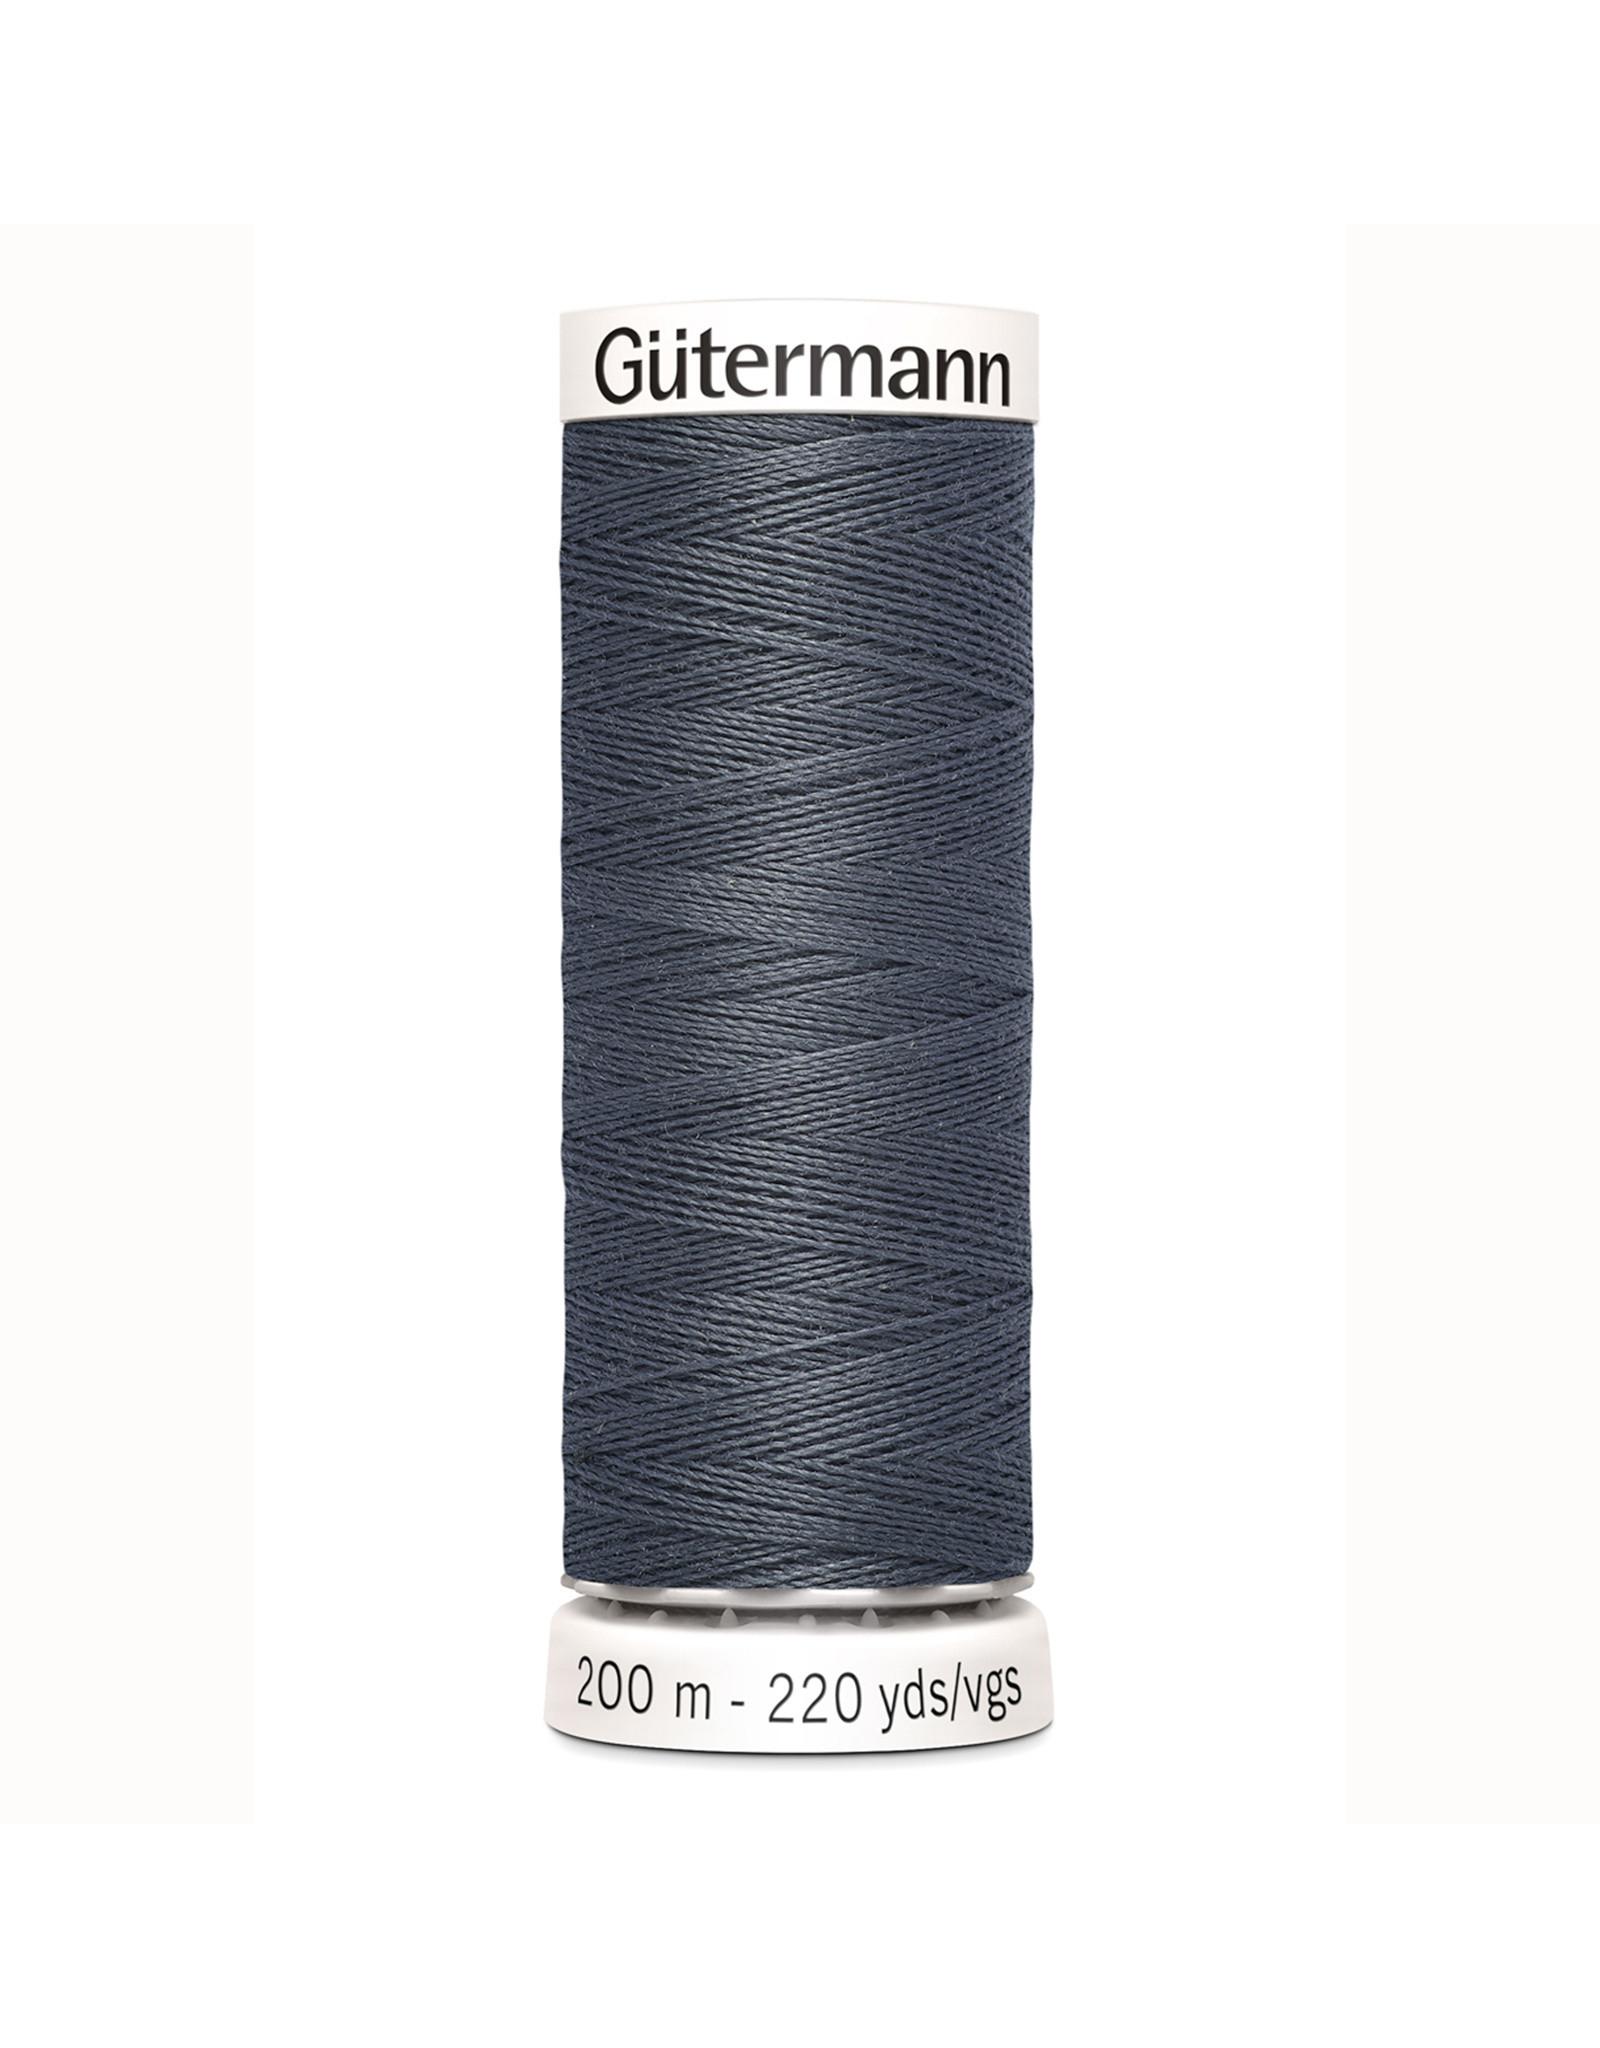 Gütermann Gütermann Sewing Thread 200 m - nr 93